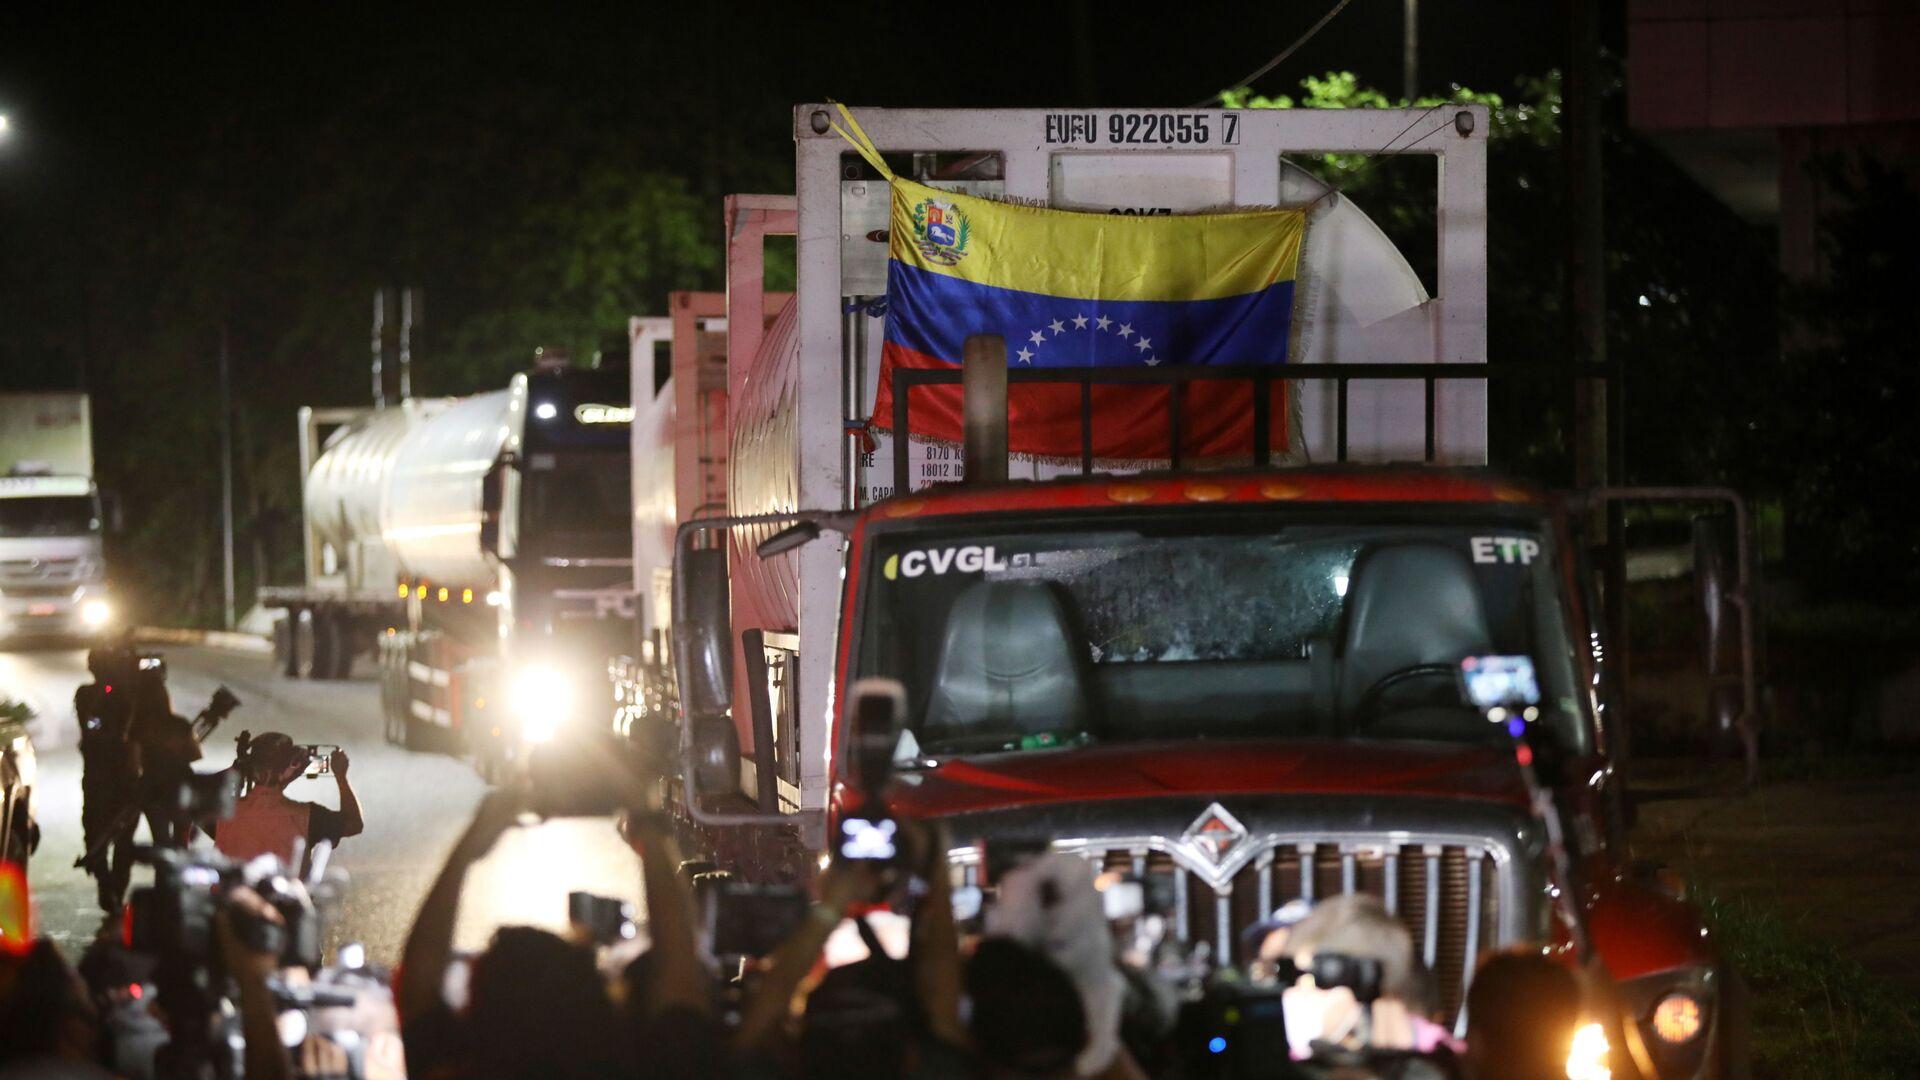 Camiones de oxígeno de Venezuela van a Manaos, Brasil (Archivo) - Sputnik Mundo, 1920, 18.05.2021